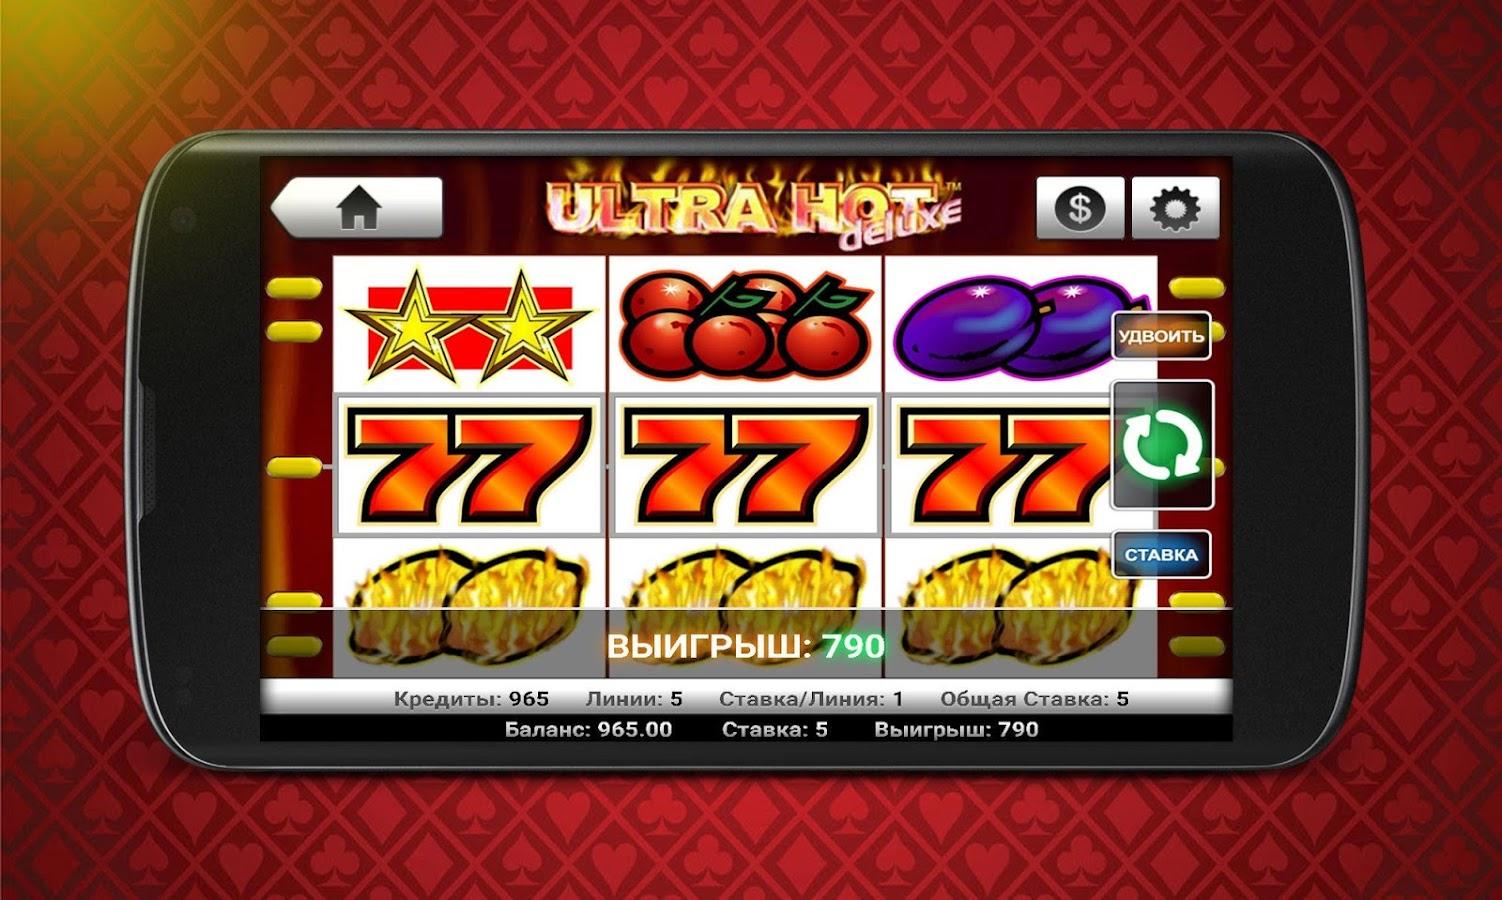 kazino avtomat